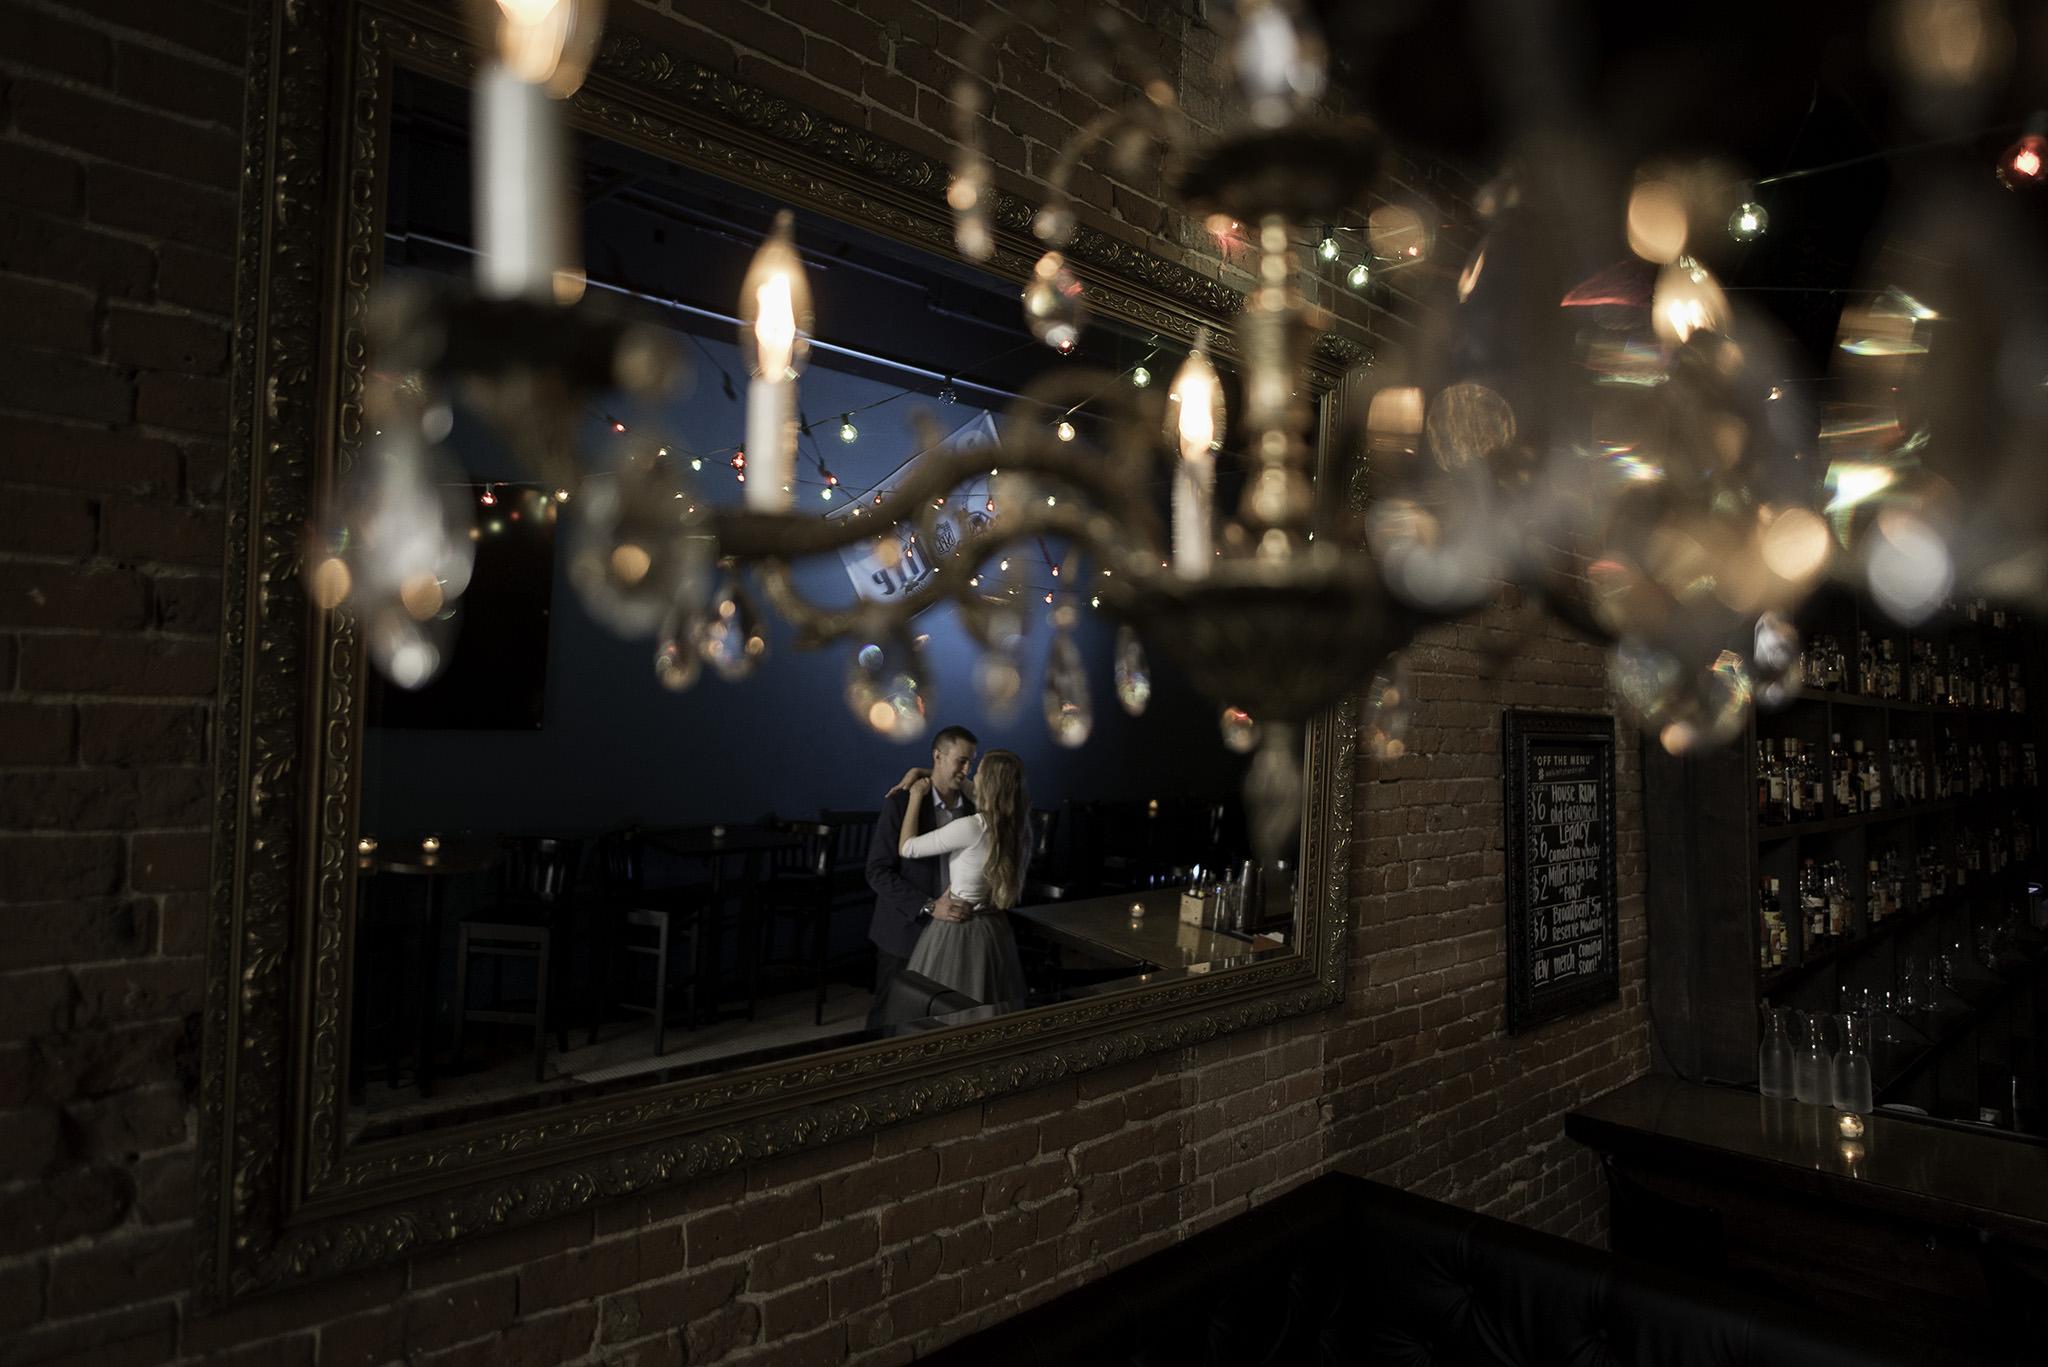 Houston-main-street-moving-sidewalk-bar-lifestyle-engagement-photography